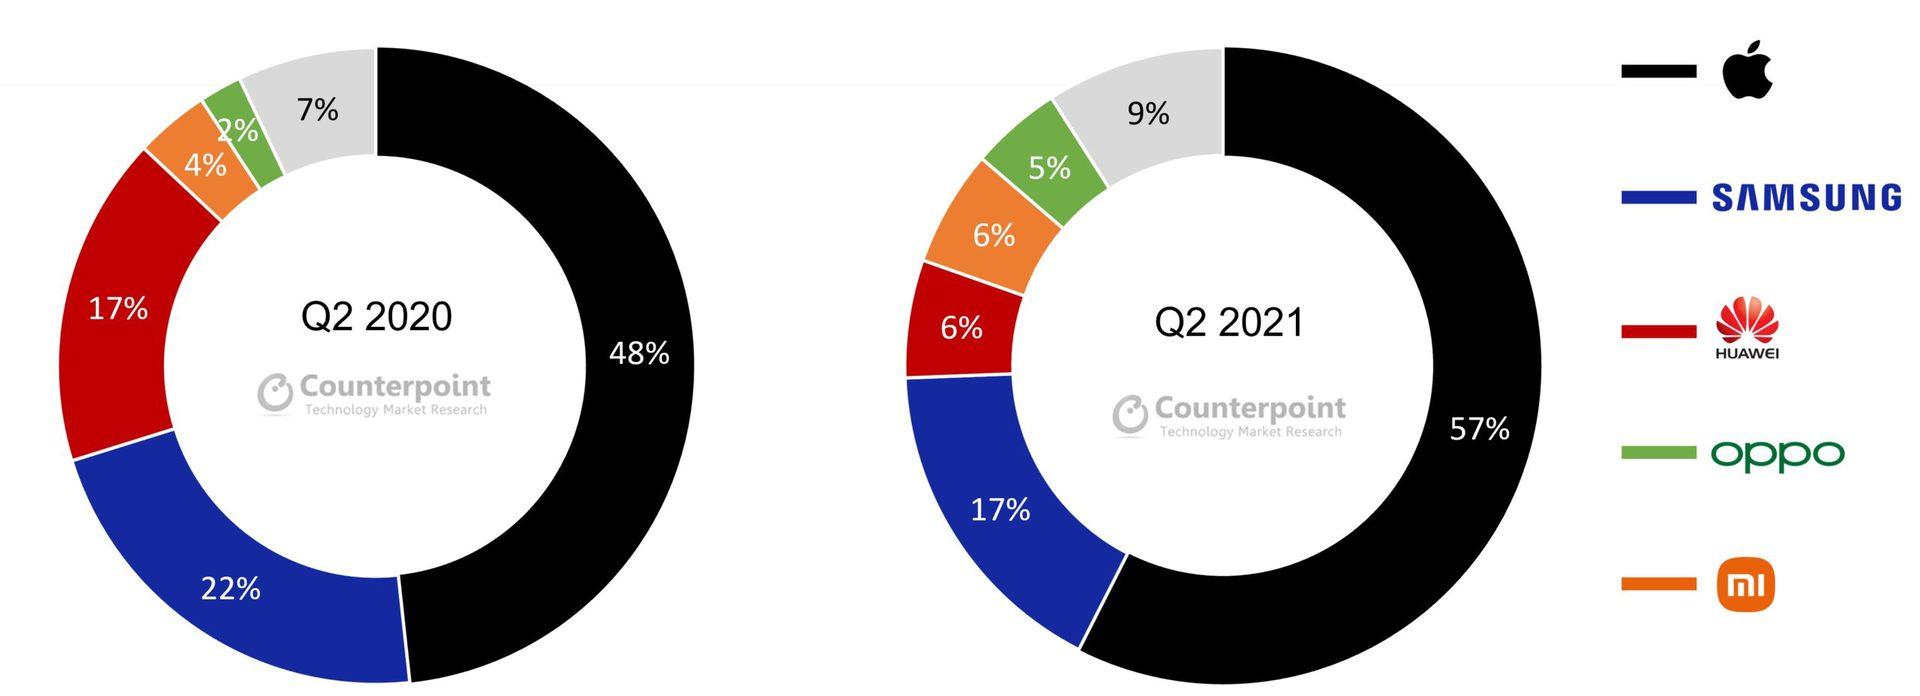 counterpoint premium market share q1 2020 2021 1